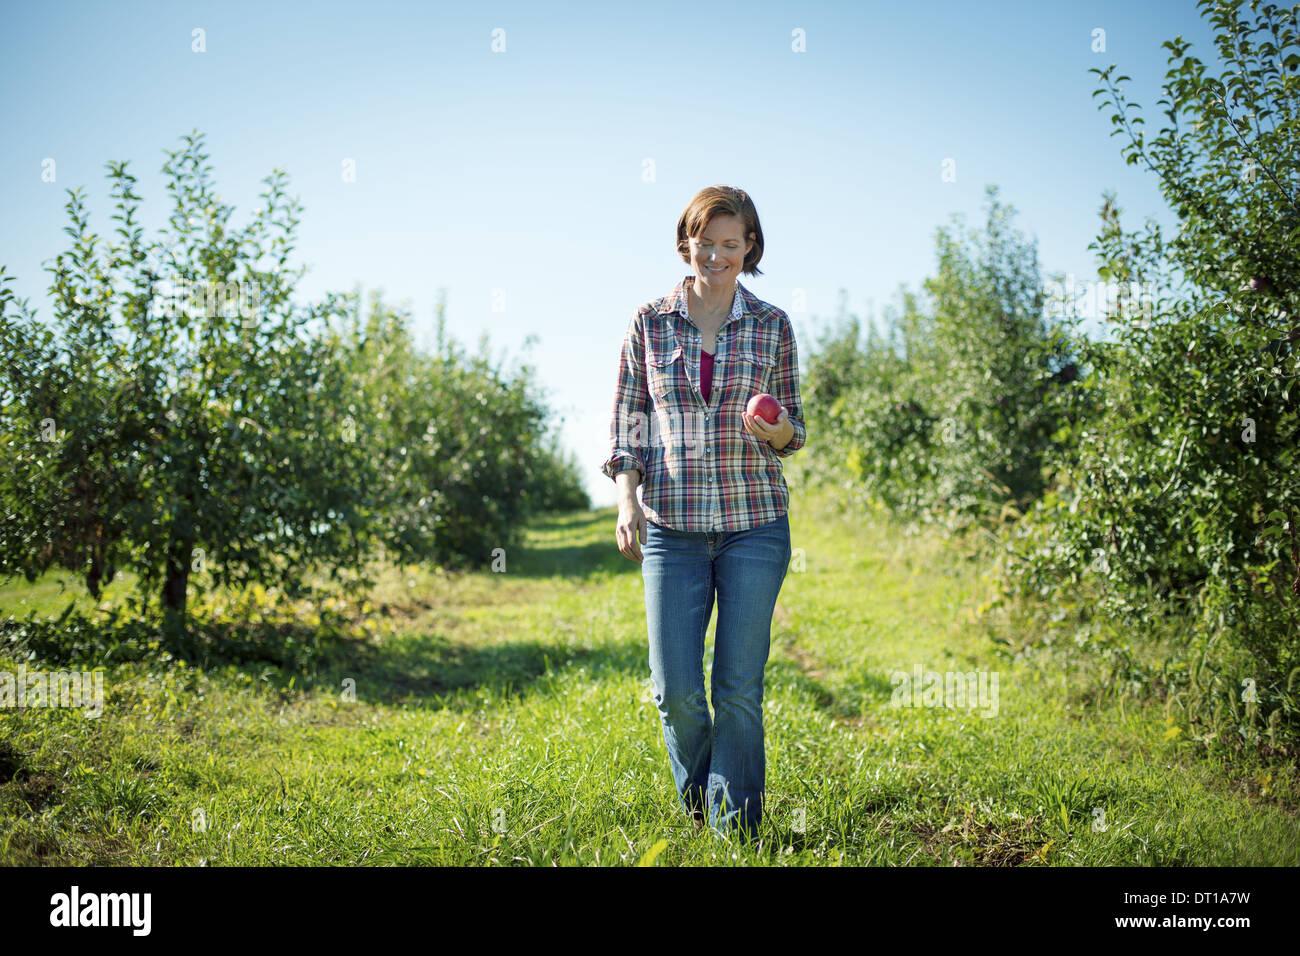 Woodstock, New York USA Frau im karierten Hemd pflücken Äpfel im Obstgarten Stockbild